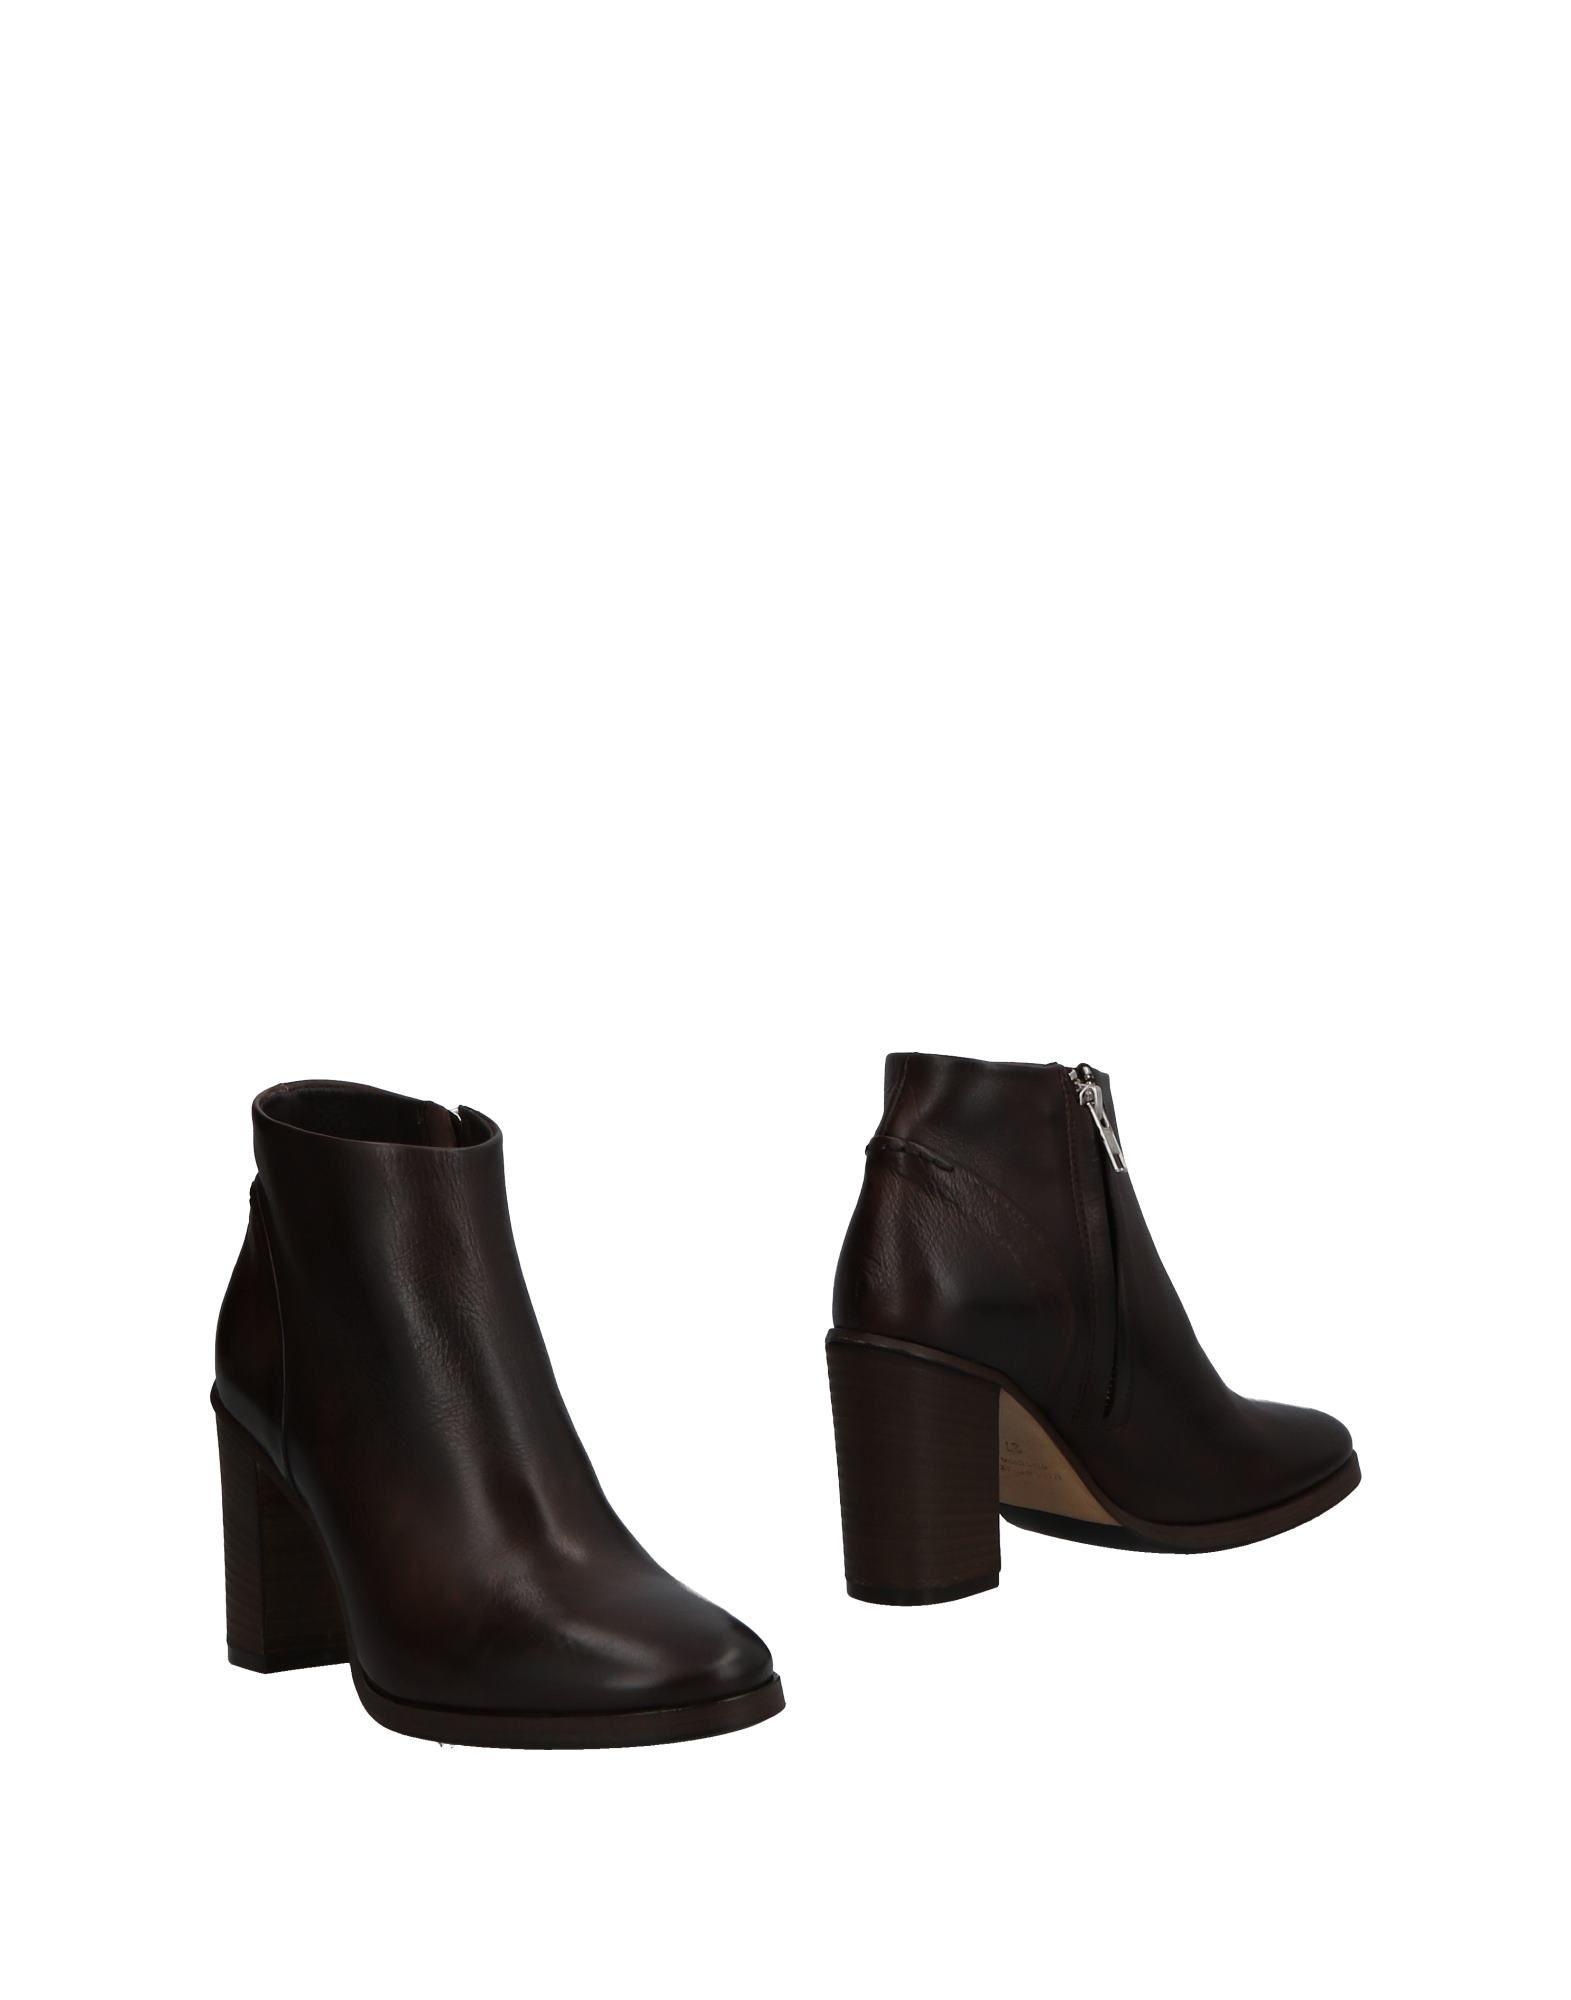 Rabatt Schuhe Preventi Stiefelette  Damen  Stiefelette 11498858TG 9ae124